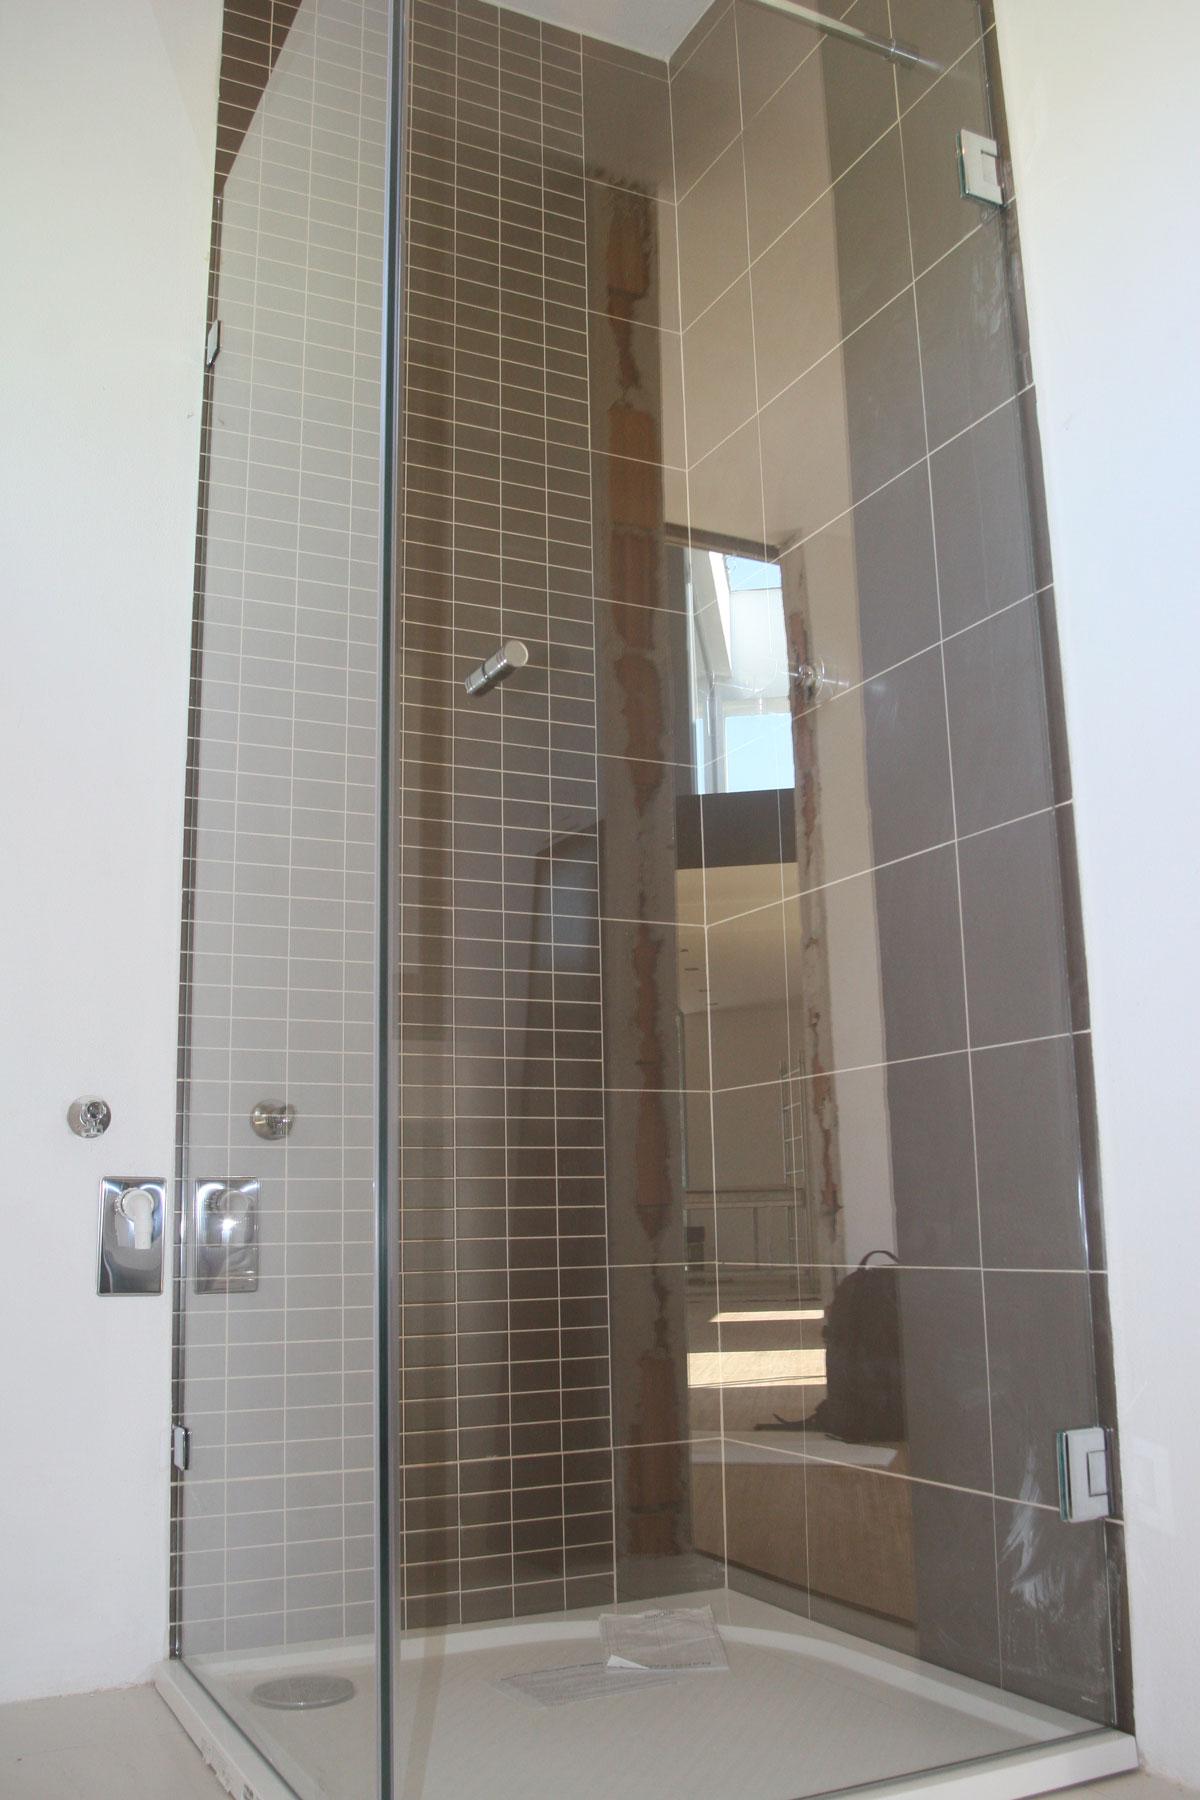 Sklenarstvi-Prerost-sprchove- kouty-a-sprchy (25)